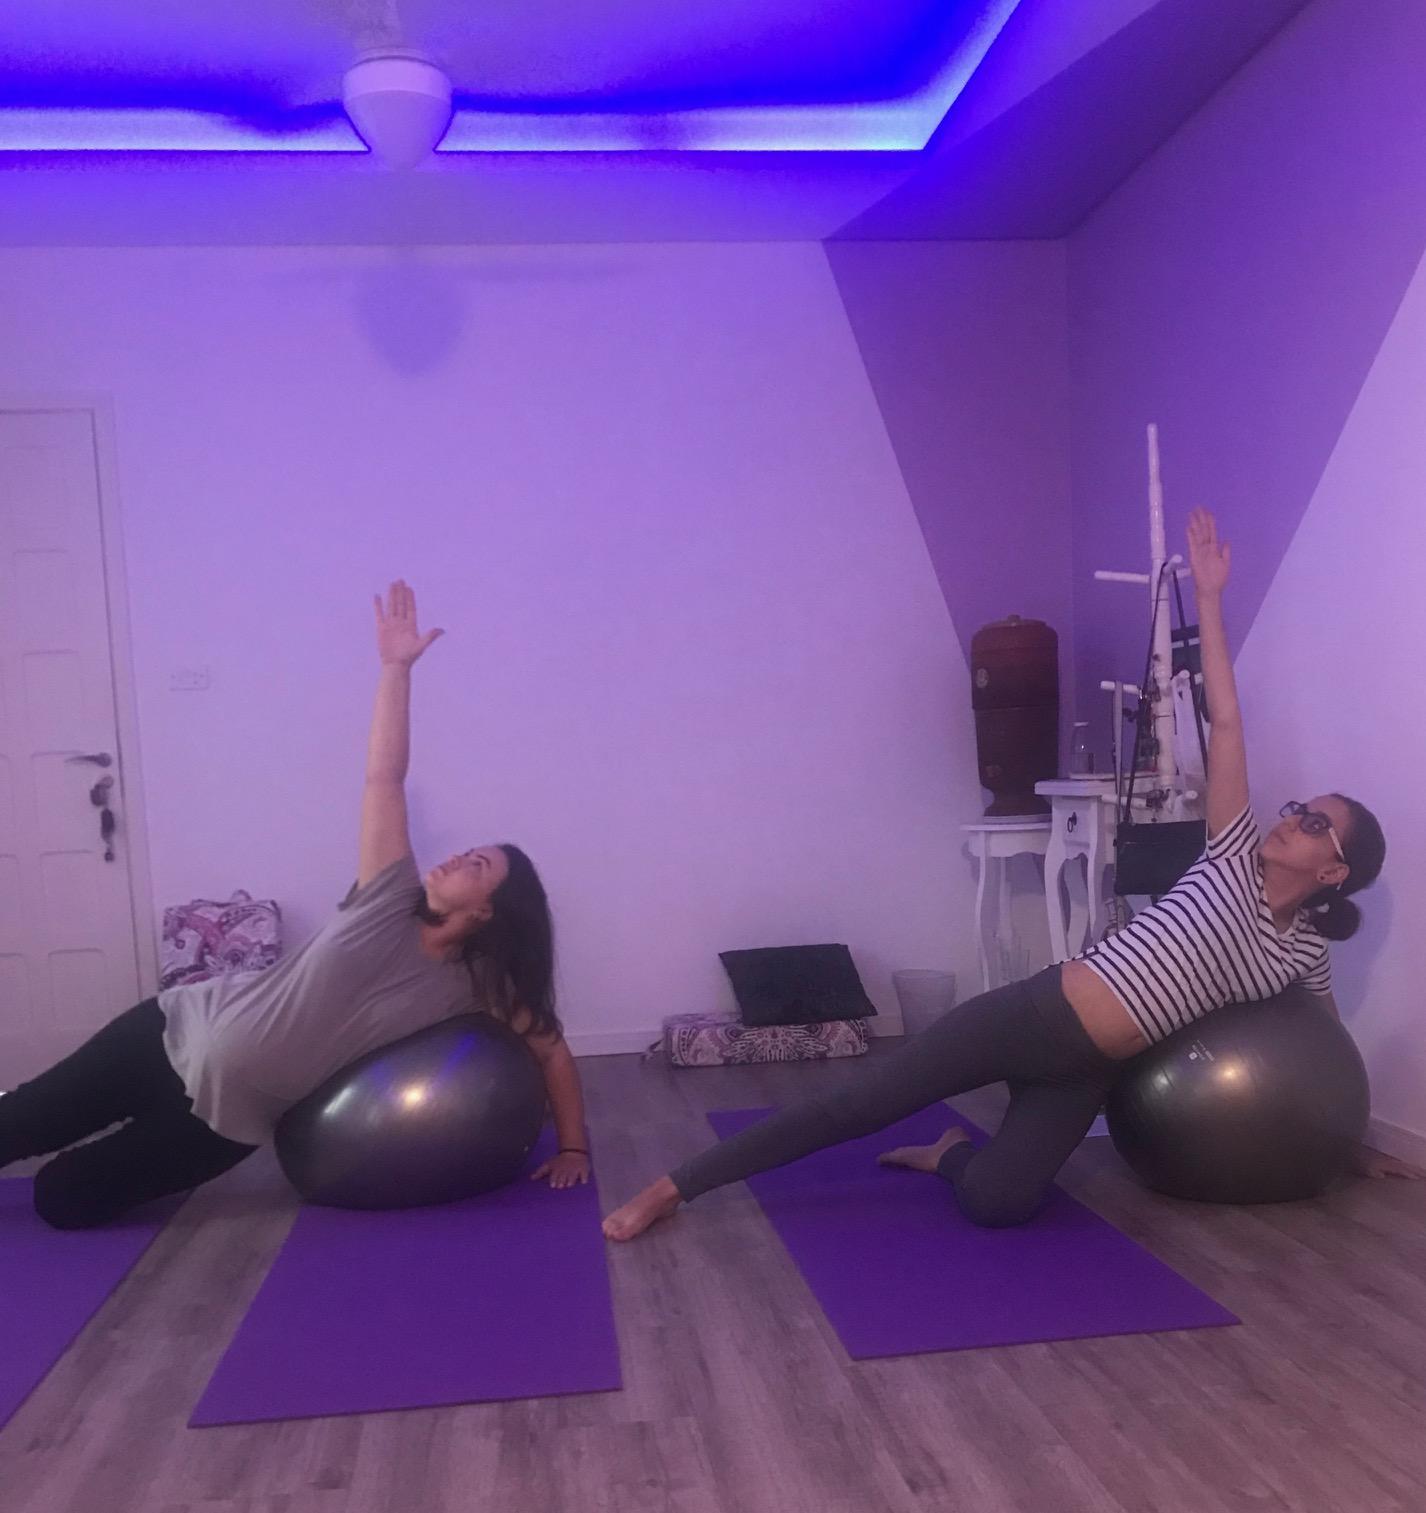 Yoga Na Gravidez - Tribo Inspire - Jaragua Do Sul